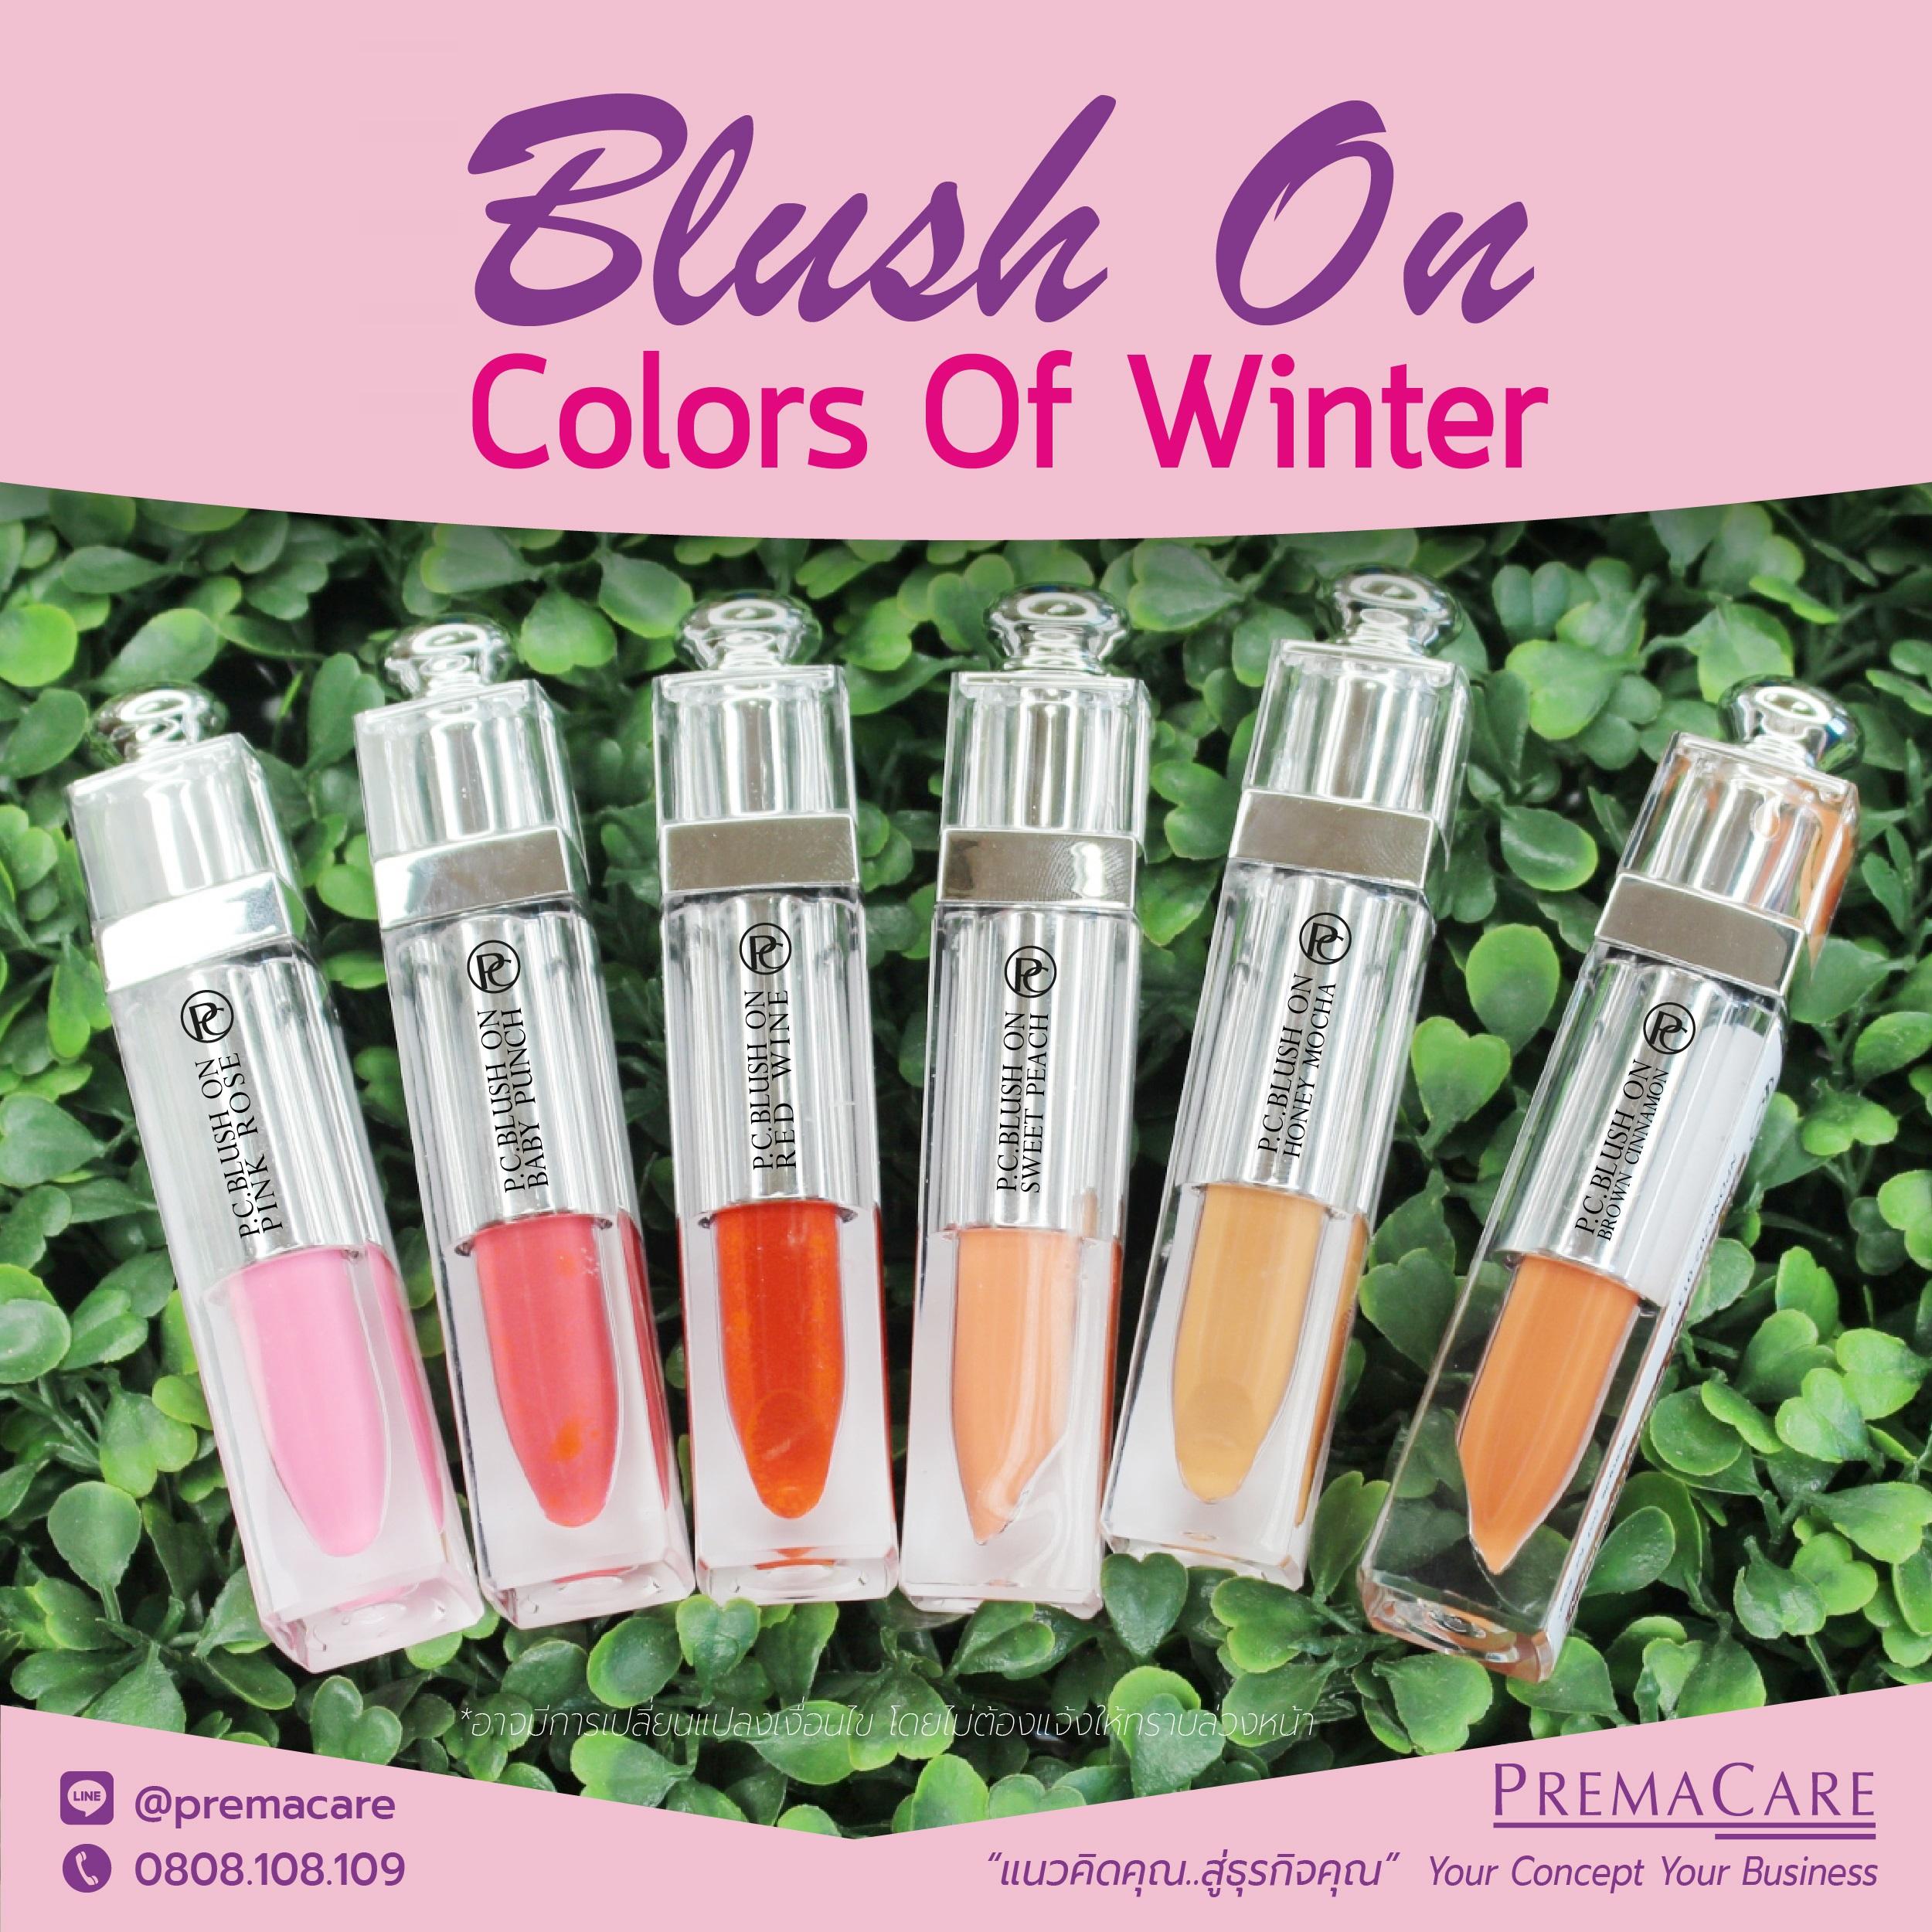 Blush on cream ครีมปัดแก้ม : Color Of Winter โดยบริษัทพรีมา แคร์-โรงงานรับผลิตเครื่องสำอาง เวชสำอาง ครีม